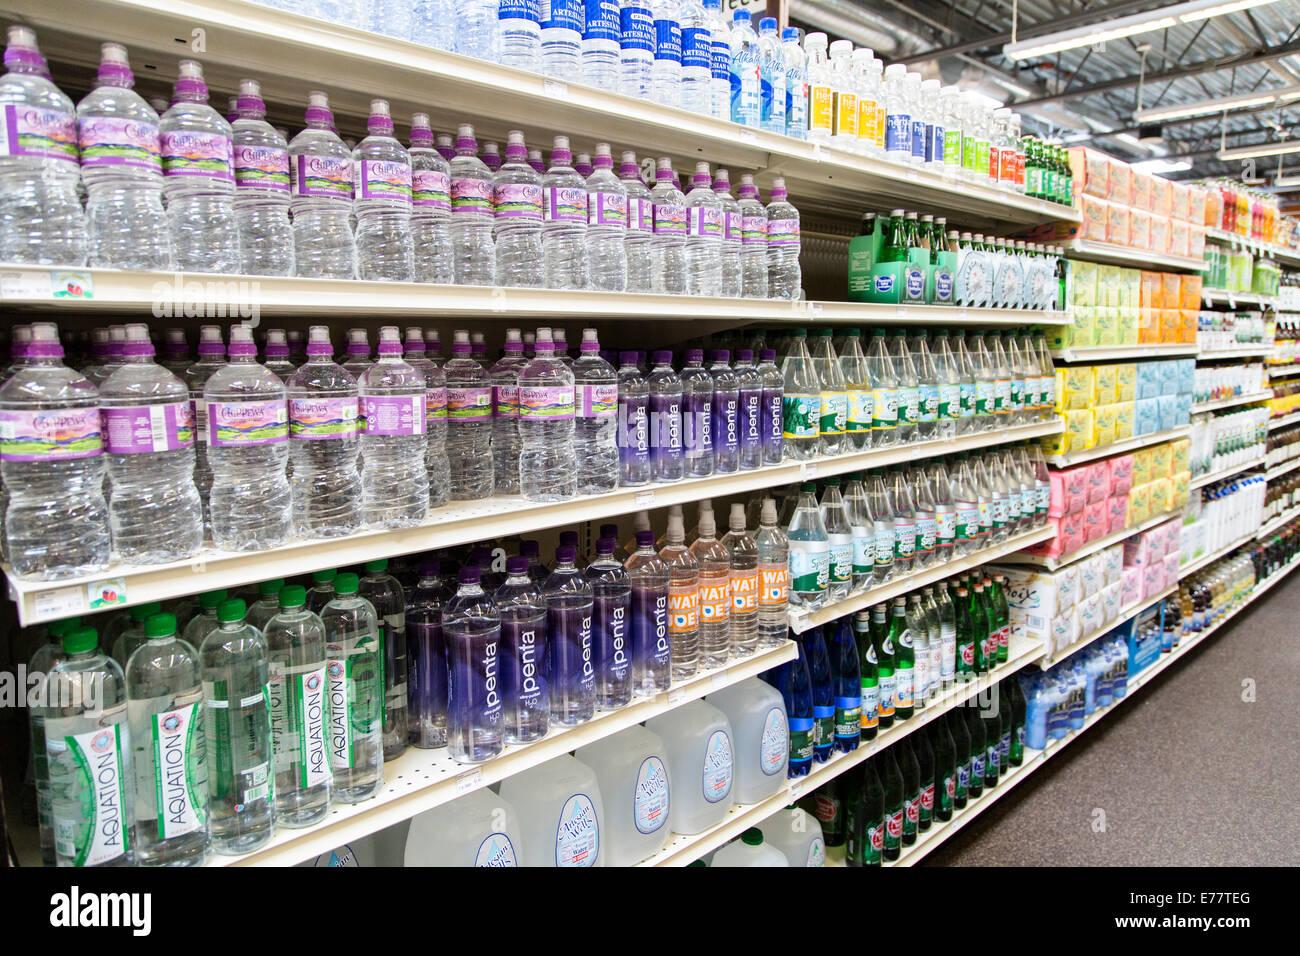 Una tienda de alimentos naturales pasillo con estantes de agua embotellada. Imagen De Stock